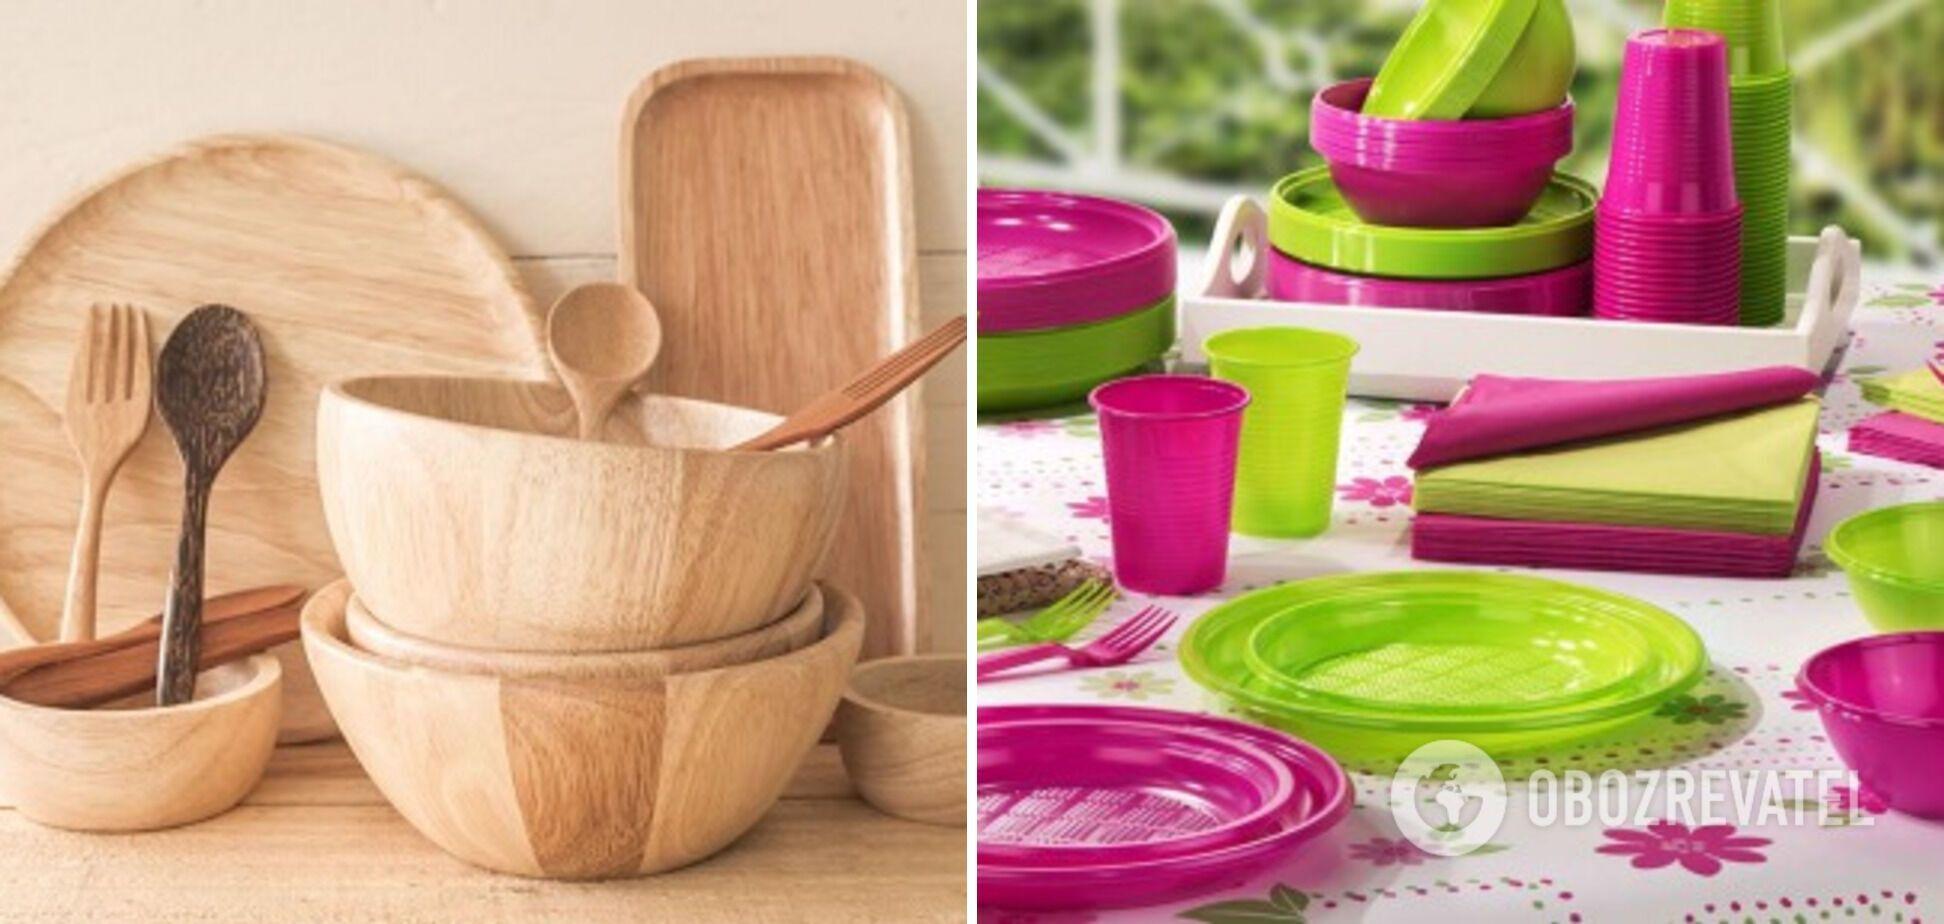 Одноразовий пластиковий посуд та посуд з дерева